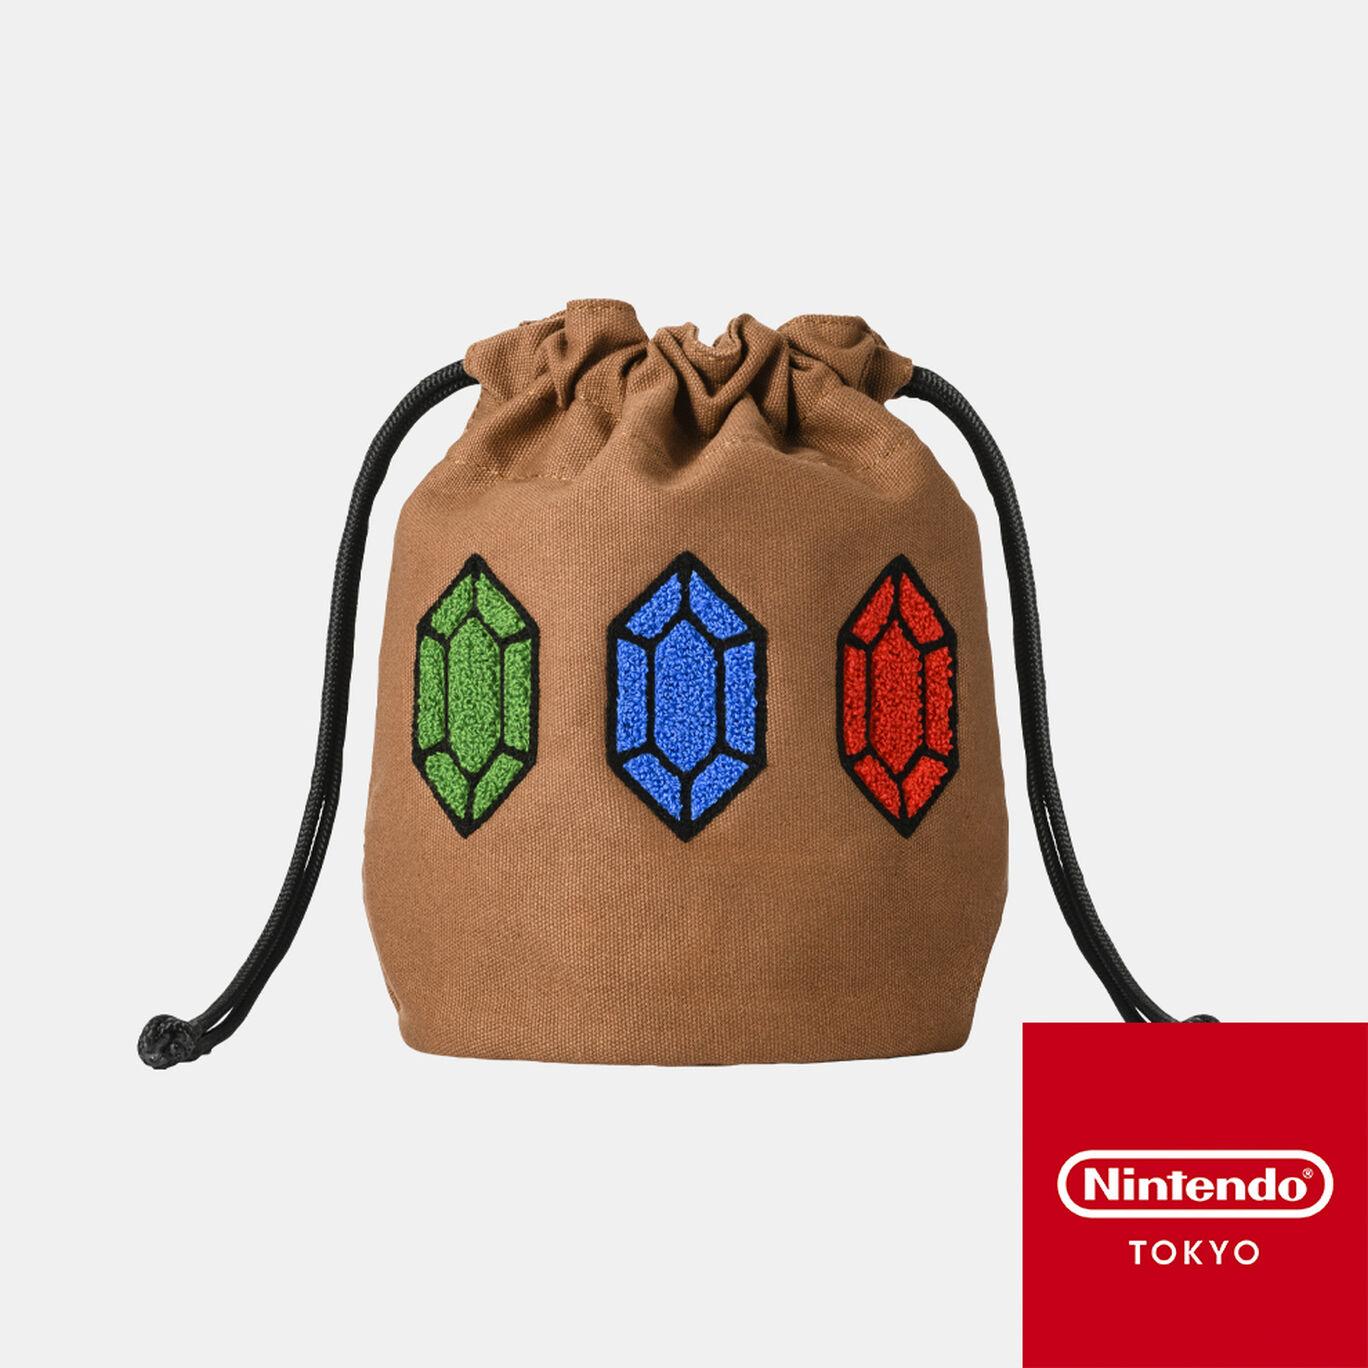 【新商品】巾着 ゼルダの伝説【Nintendo TOKYO取り扱い商品】